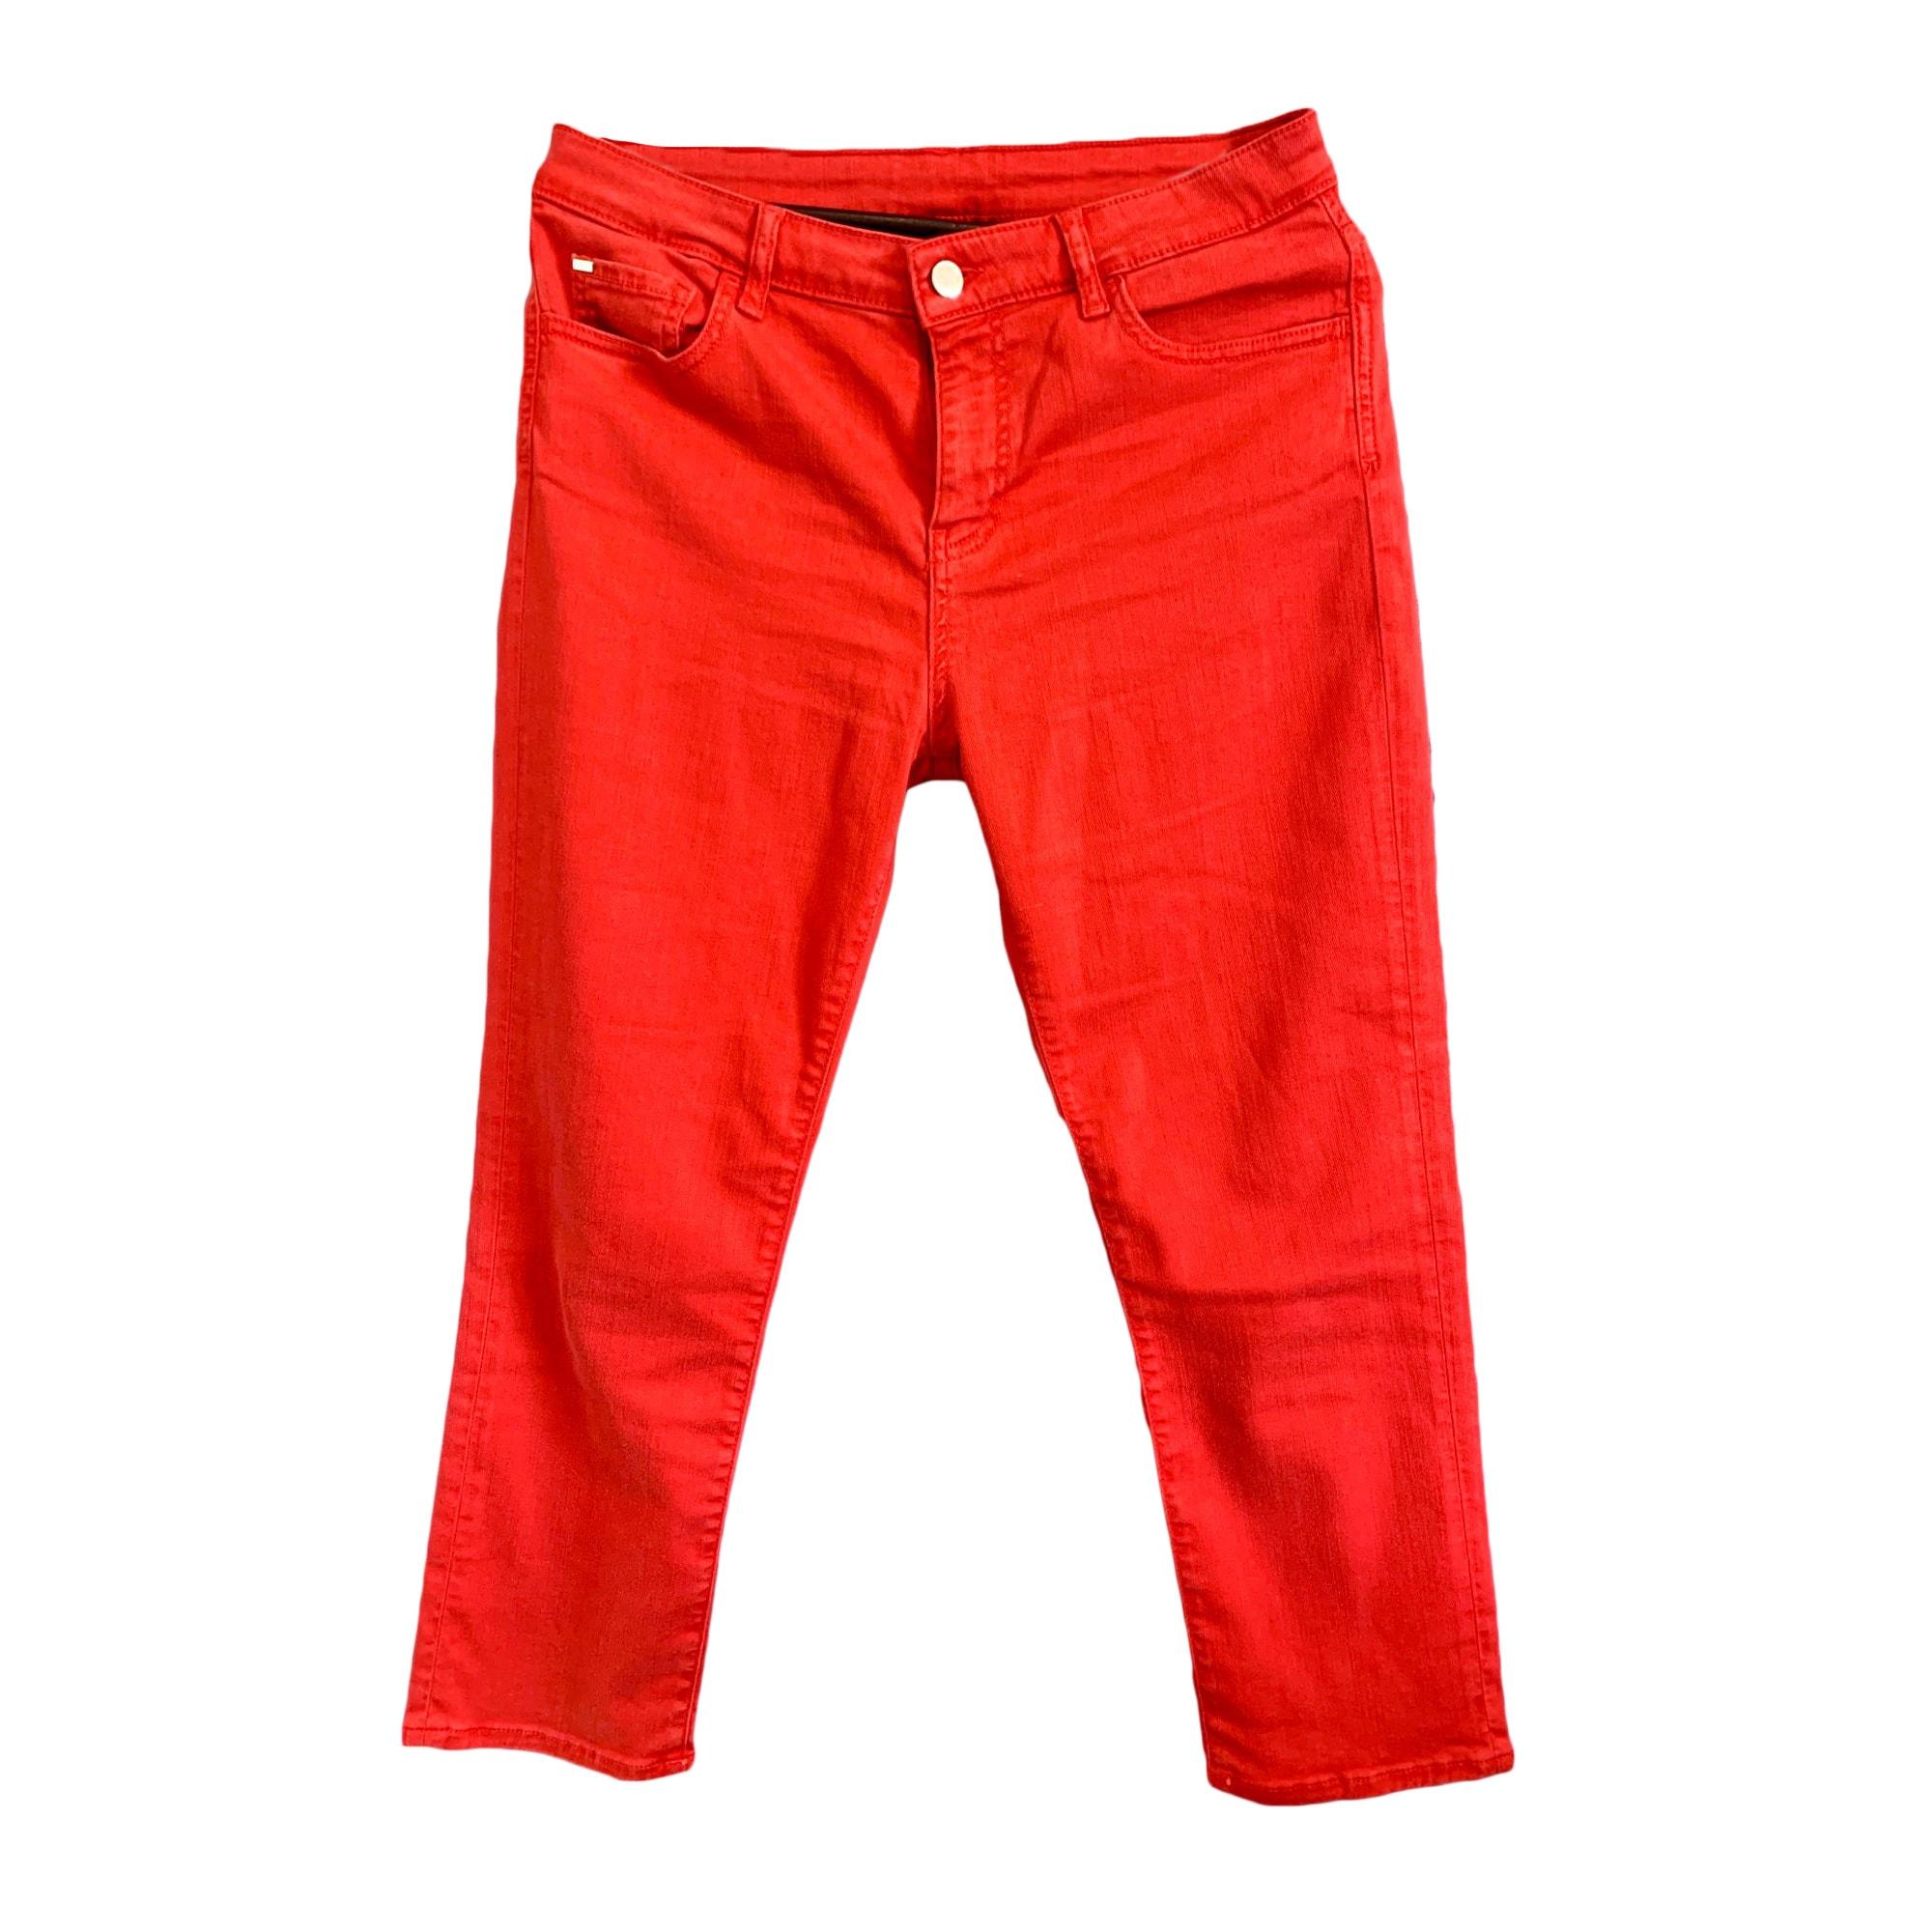 Jeans slim ARMANI JEANS Rouge, bordeaux